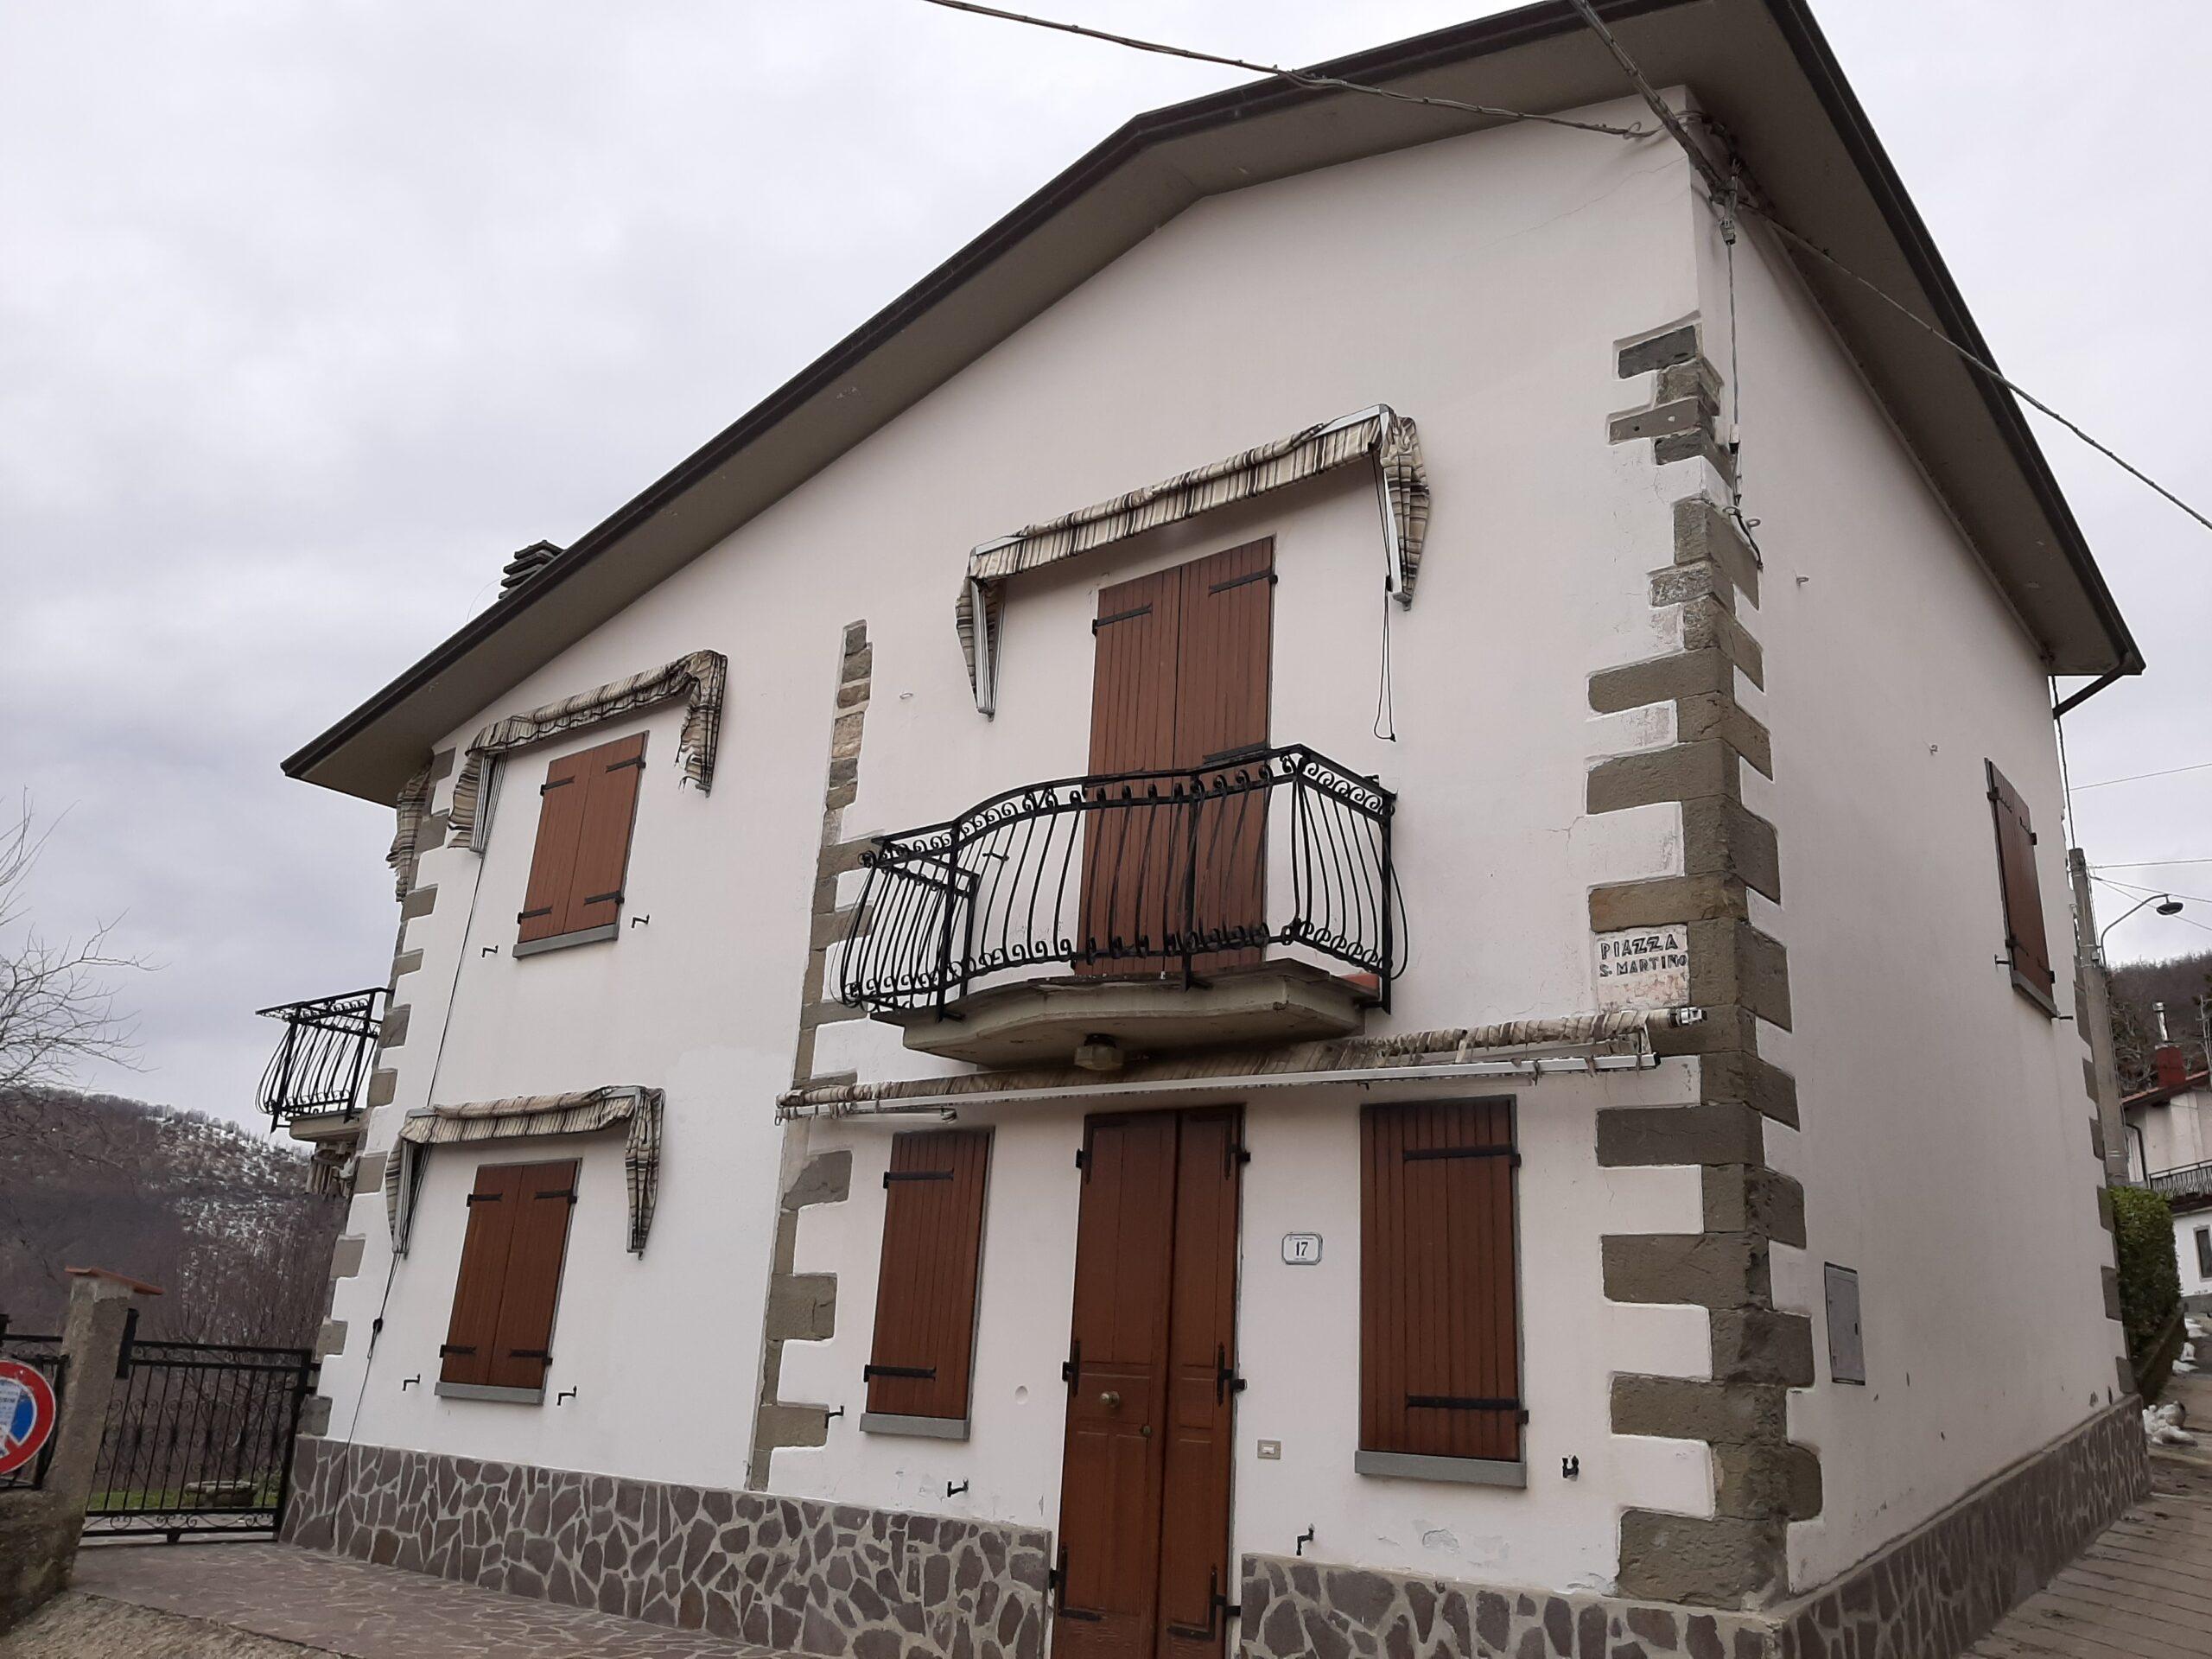 Casa Indipendente ristrutturata con rifiniture di pregio . Con Giardino. Vic. Fivizzano 2374